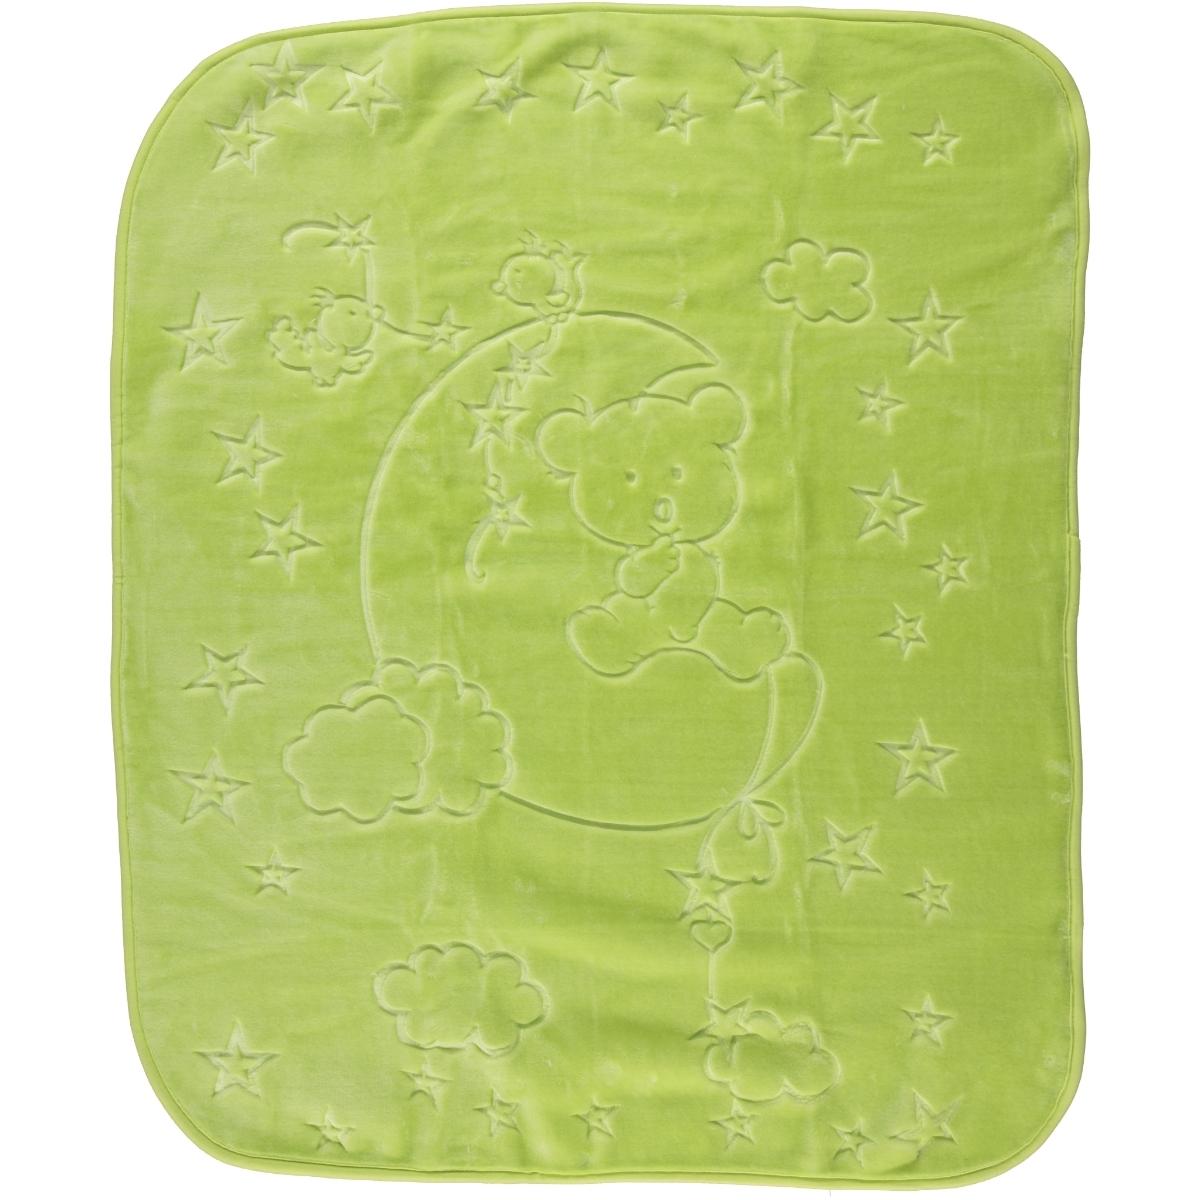 İlk Cemre Embossed Plush Blanket will be installed Yesil cm